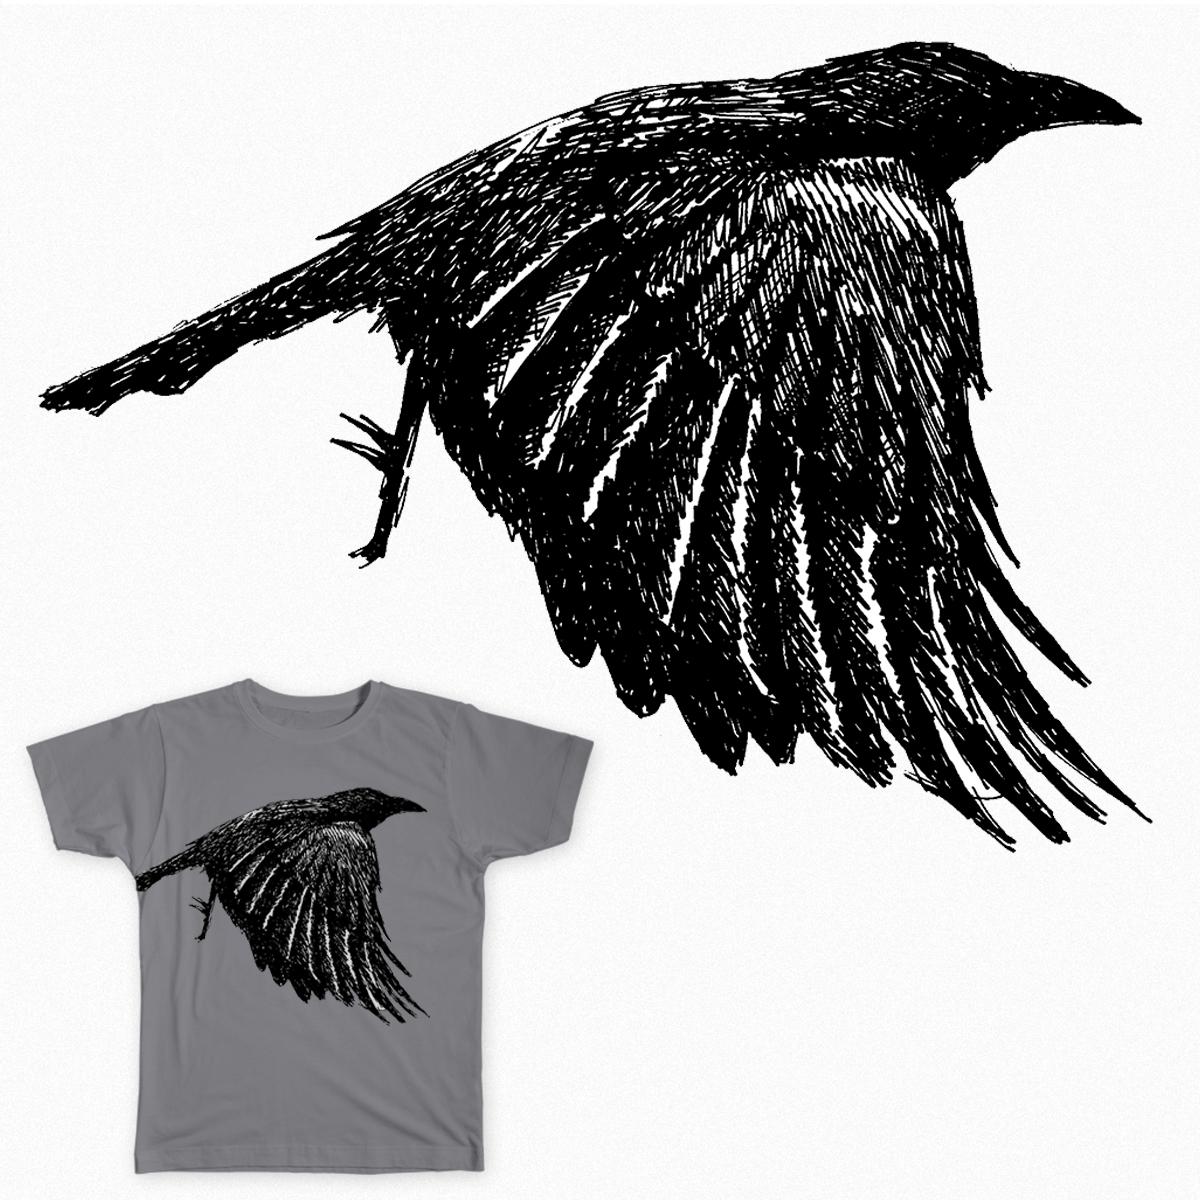 The Crow by libbyelliott on Threadless